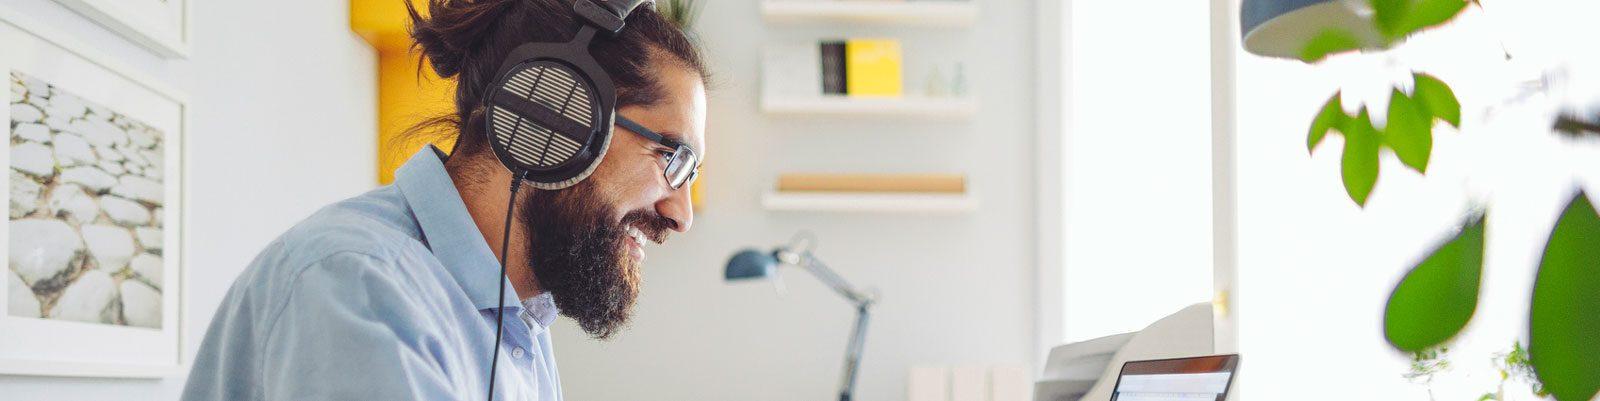 Happy man wearing headphones working on computer